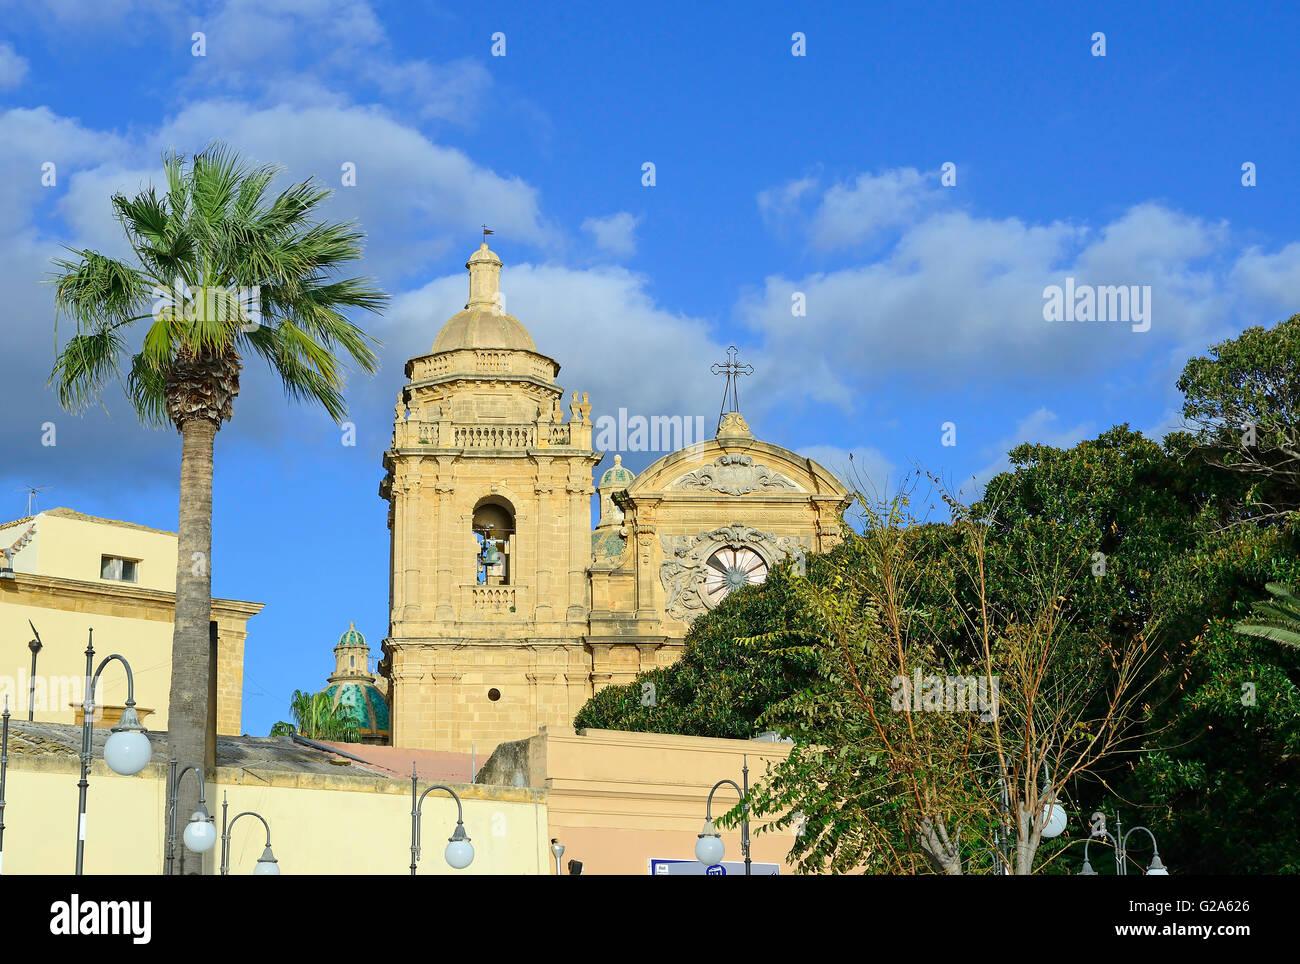 Mazara del Vallo, Cattedrale del Santissimo Salvatore Cathedral, Sicily, Italy, Europe - Stock Image